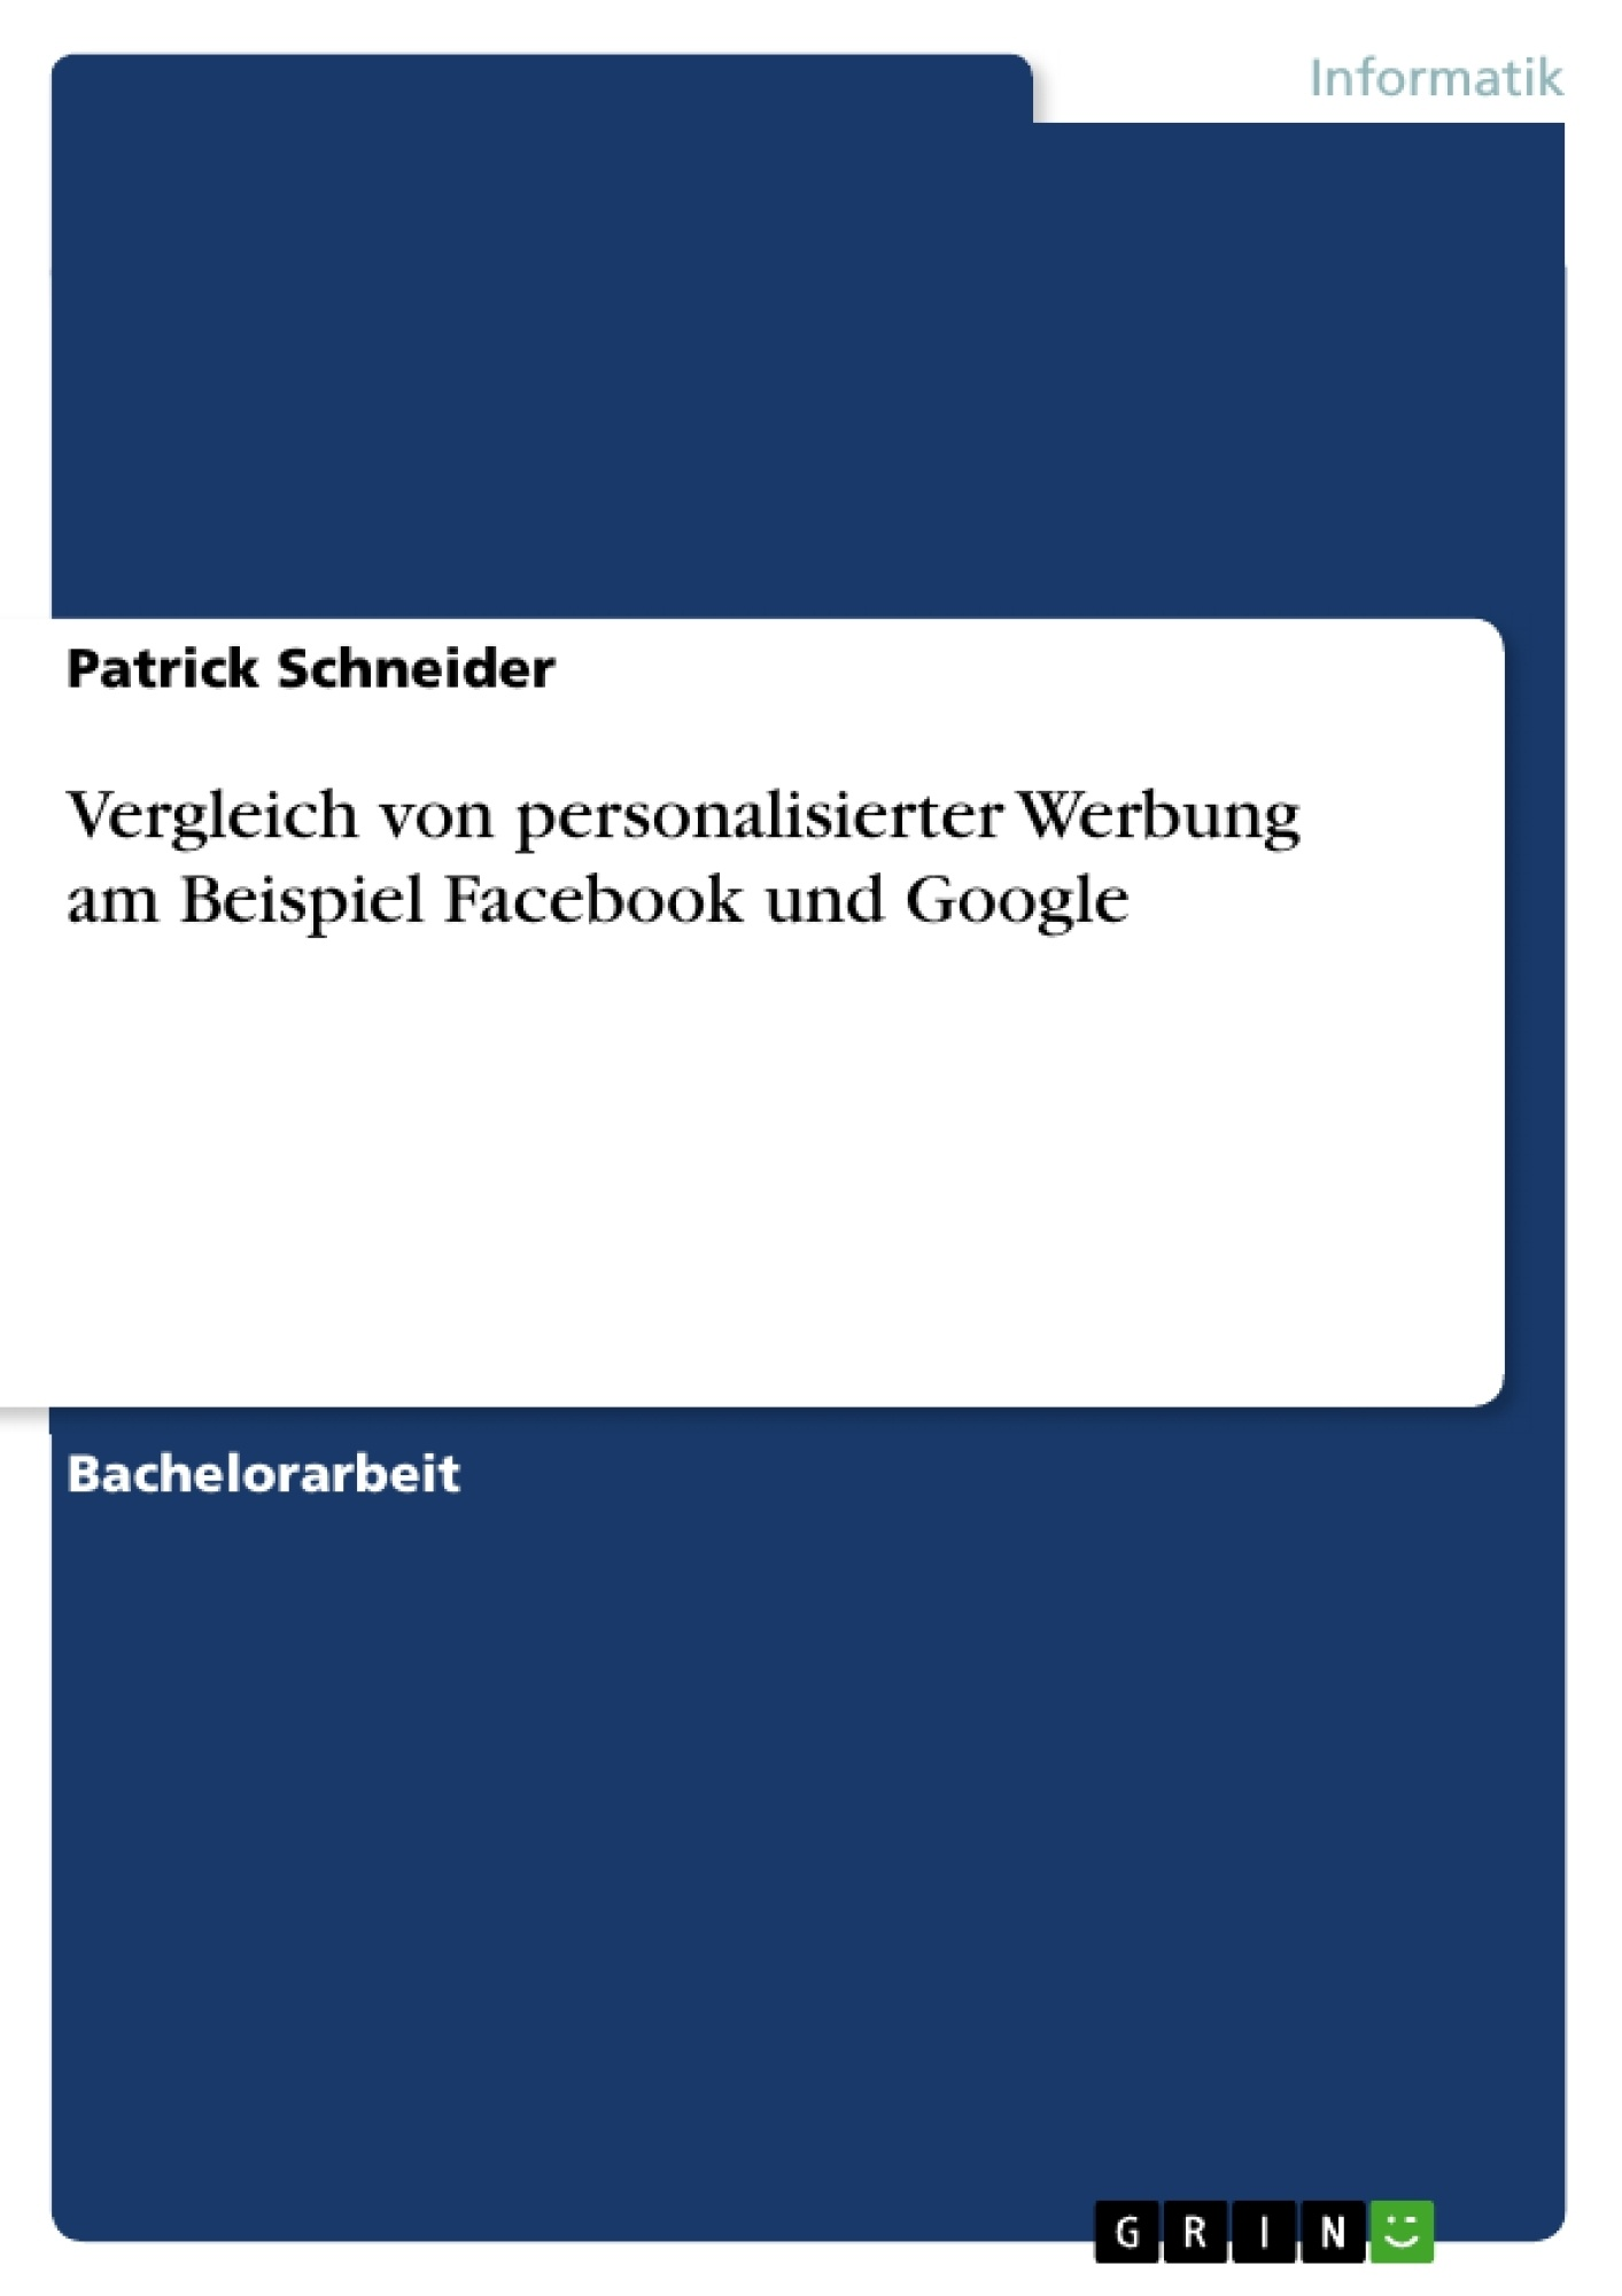 Vergleich von personalisierter Werbung am Beispiel Facebook und ...